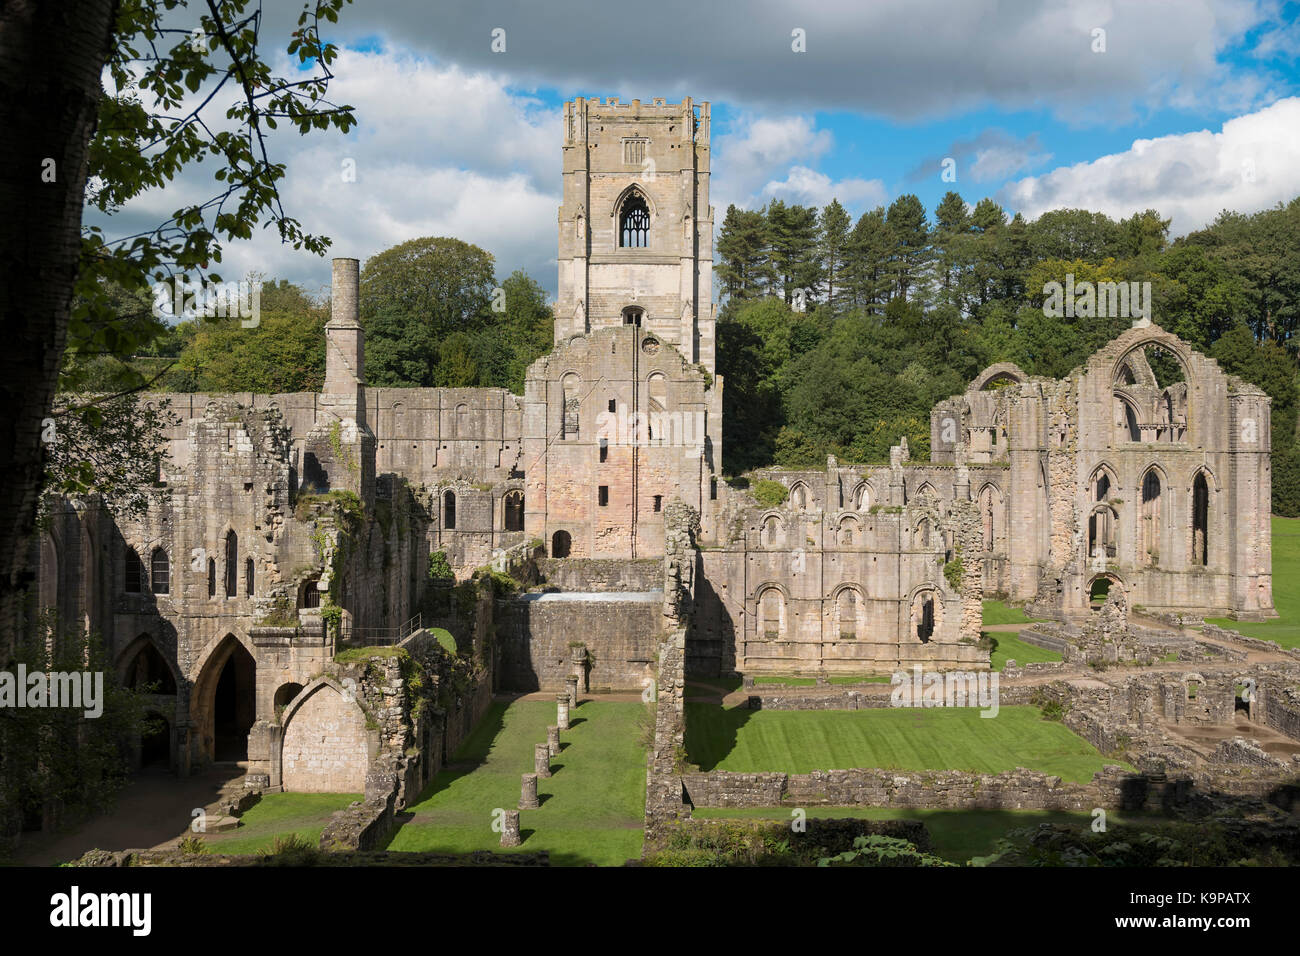 Fountains Abbey, nello Yorkshire, Regno Unito. Immagini Stock